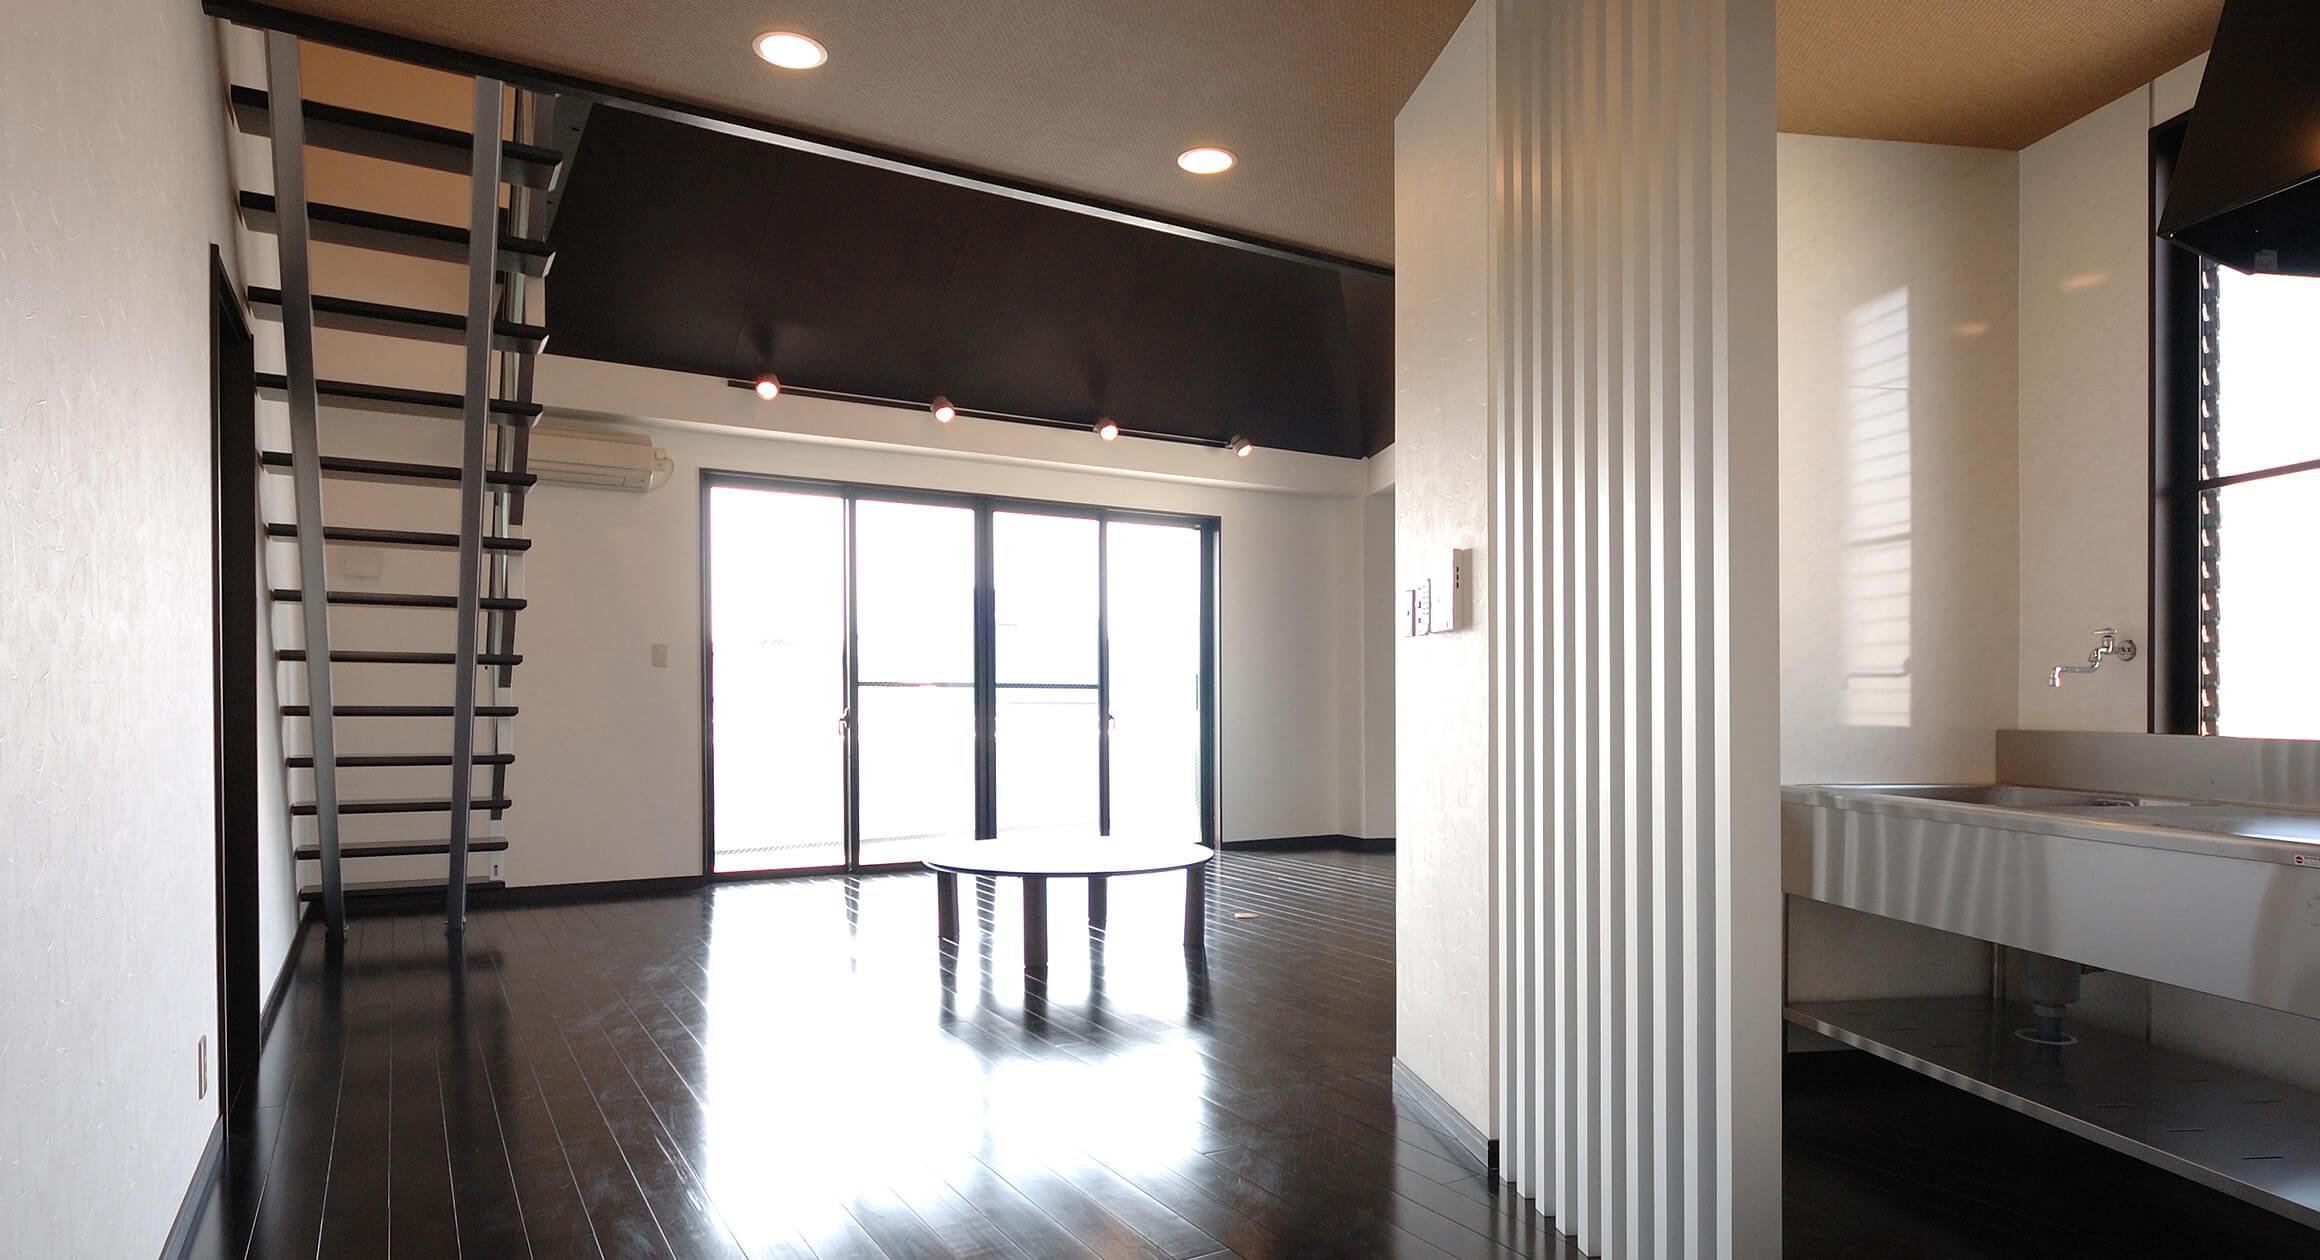 三友工務店のリフォーム・リノベーション事例 熊本市M様邸